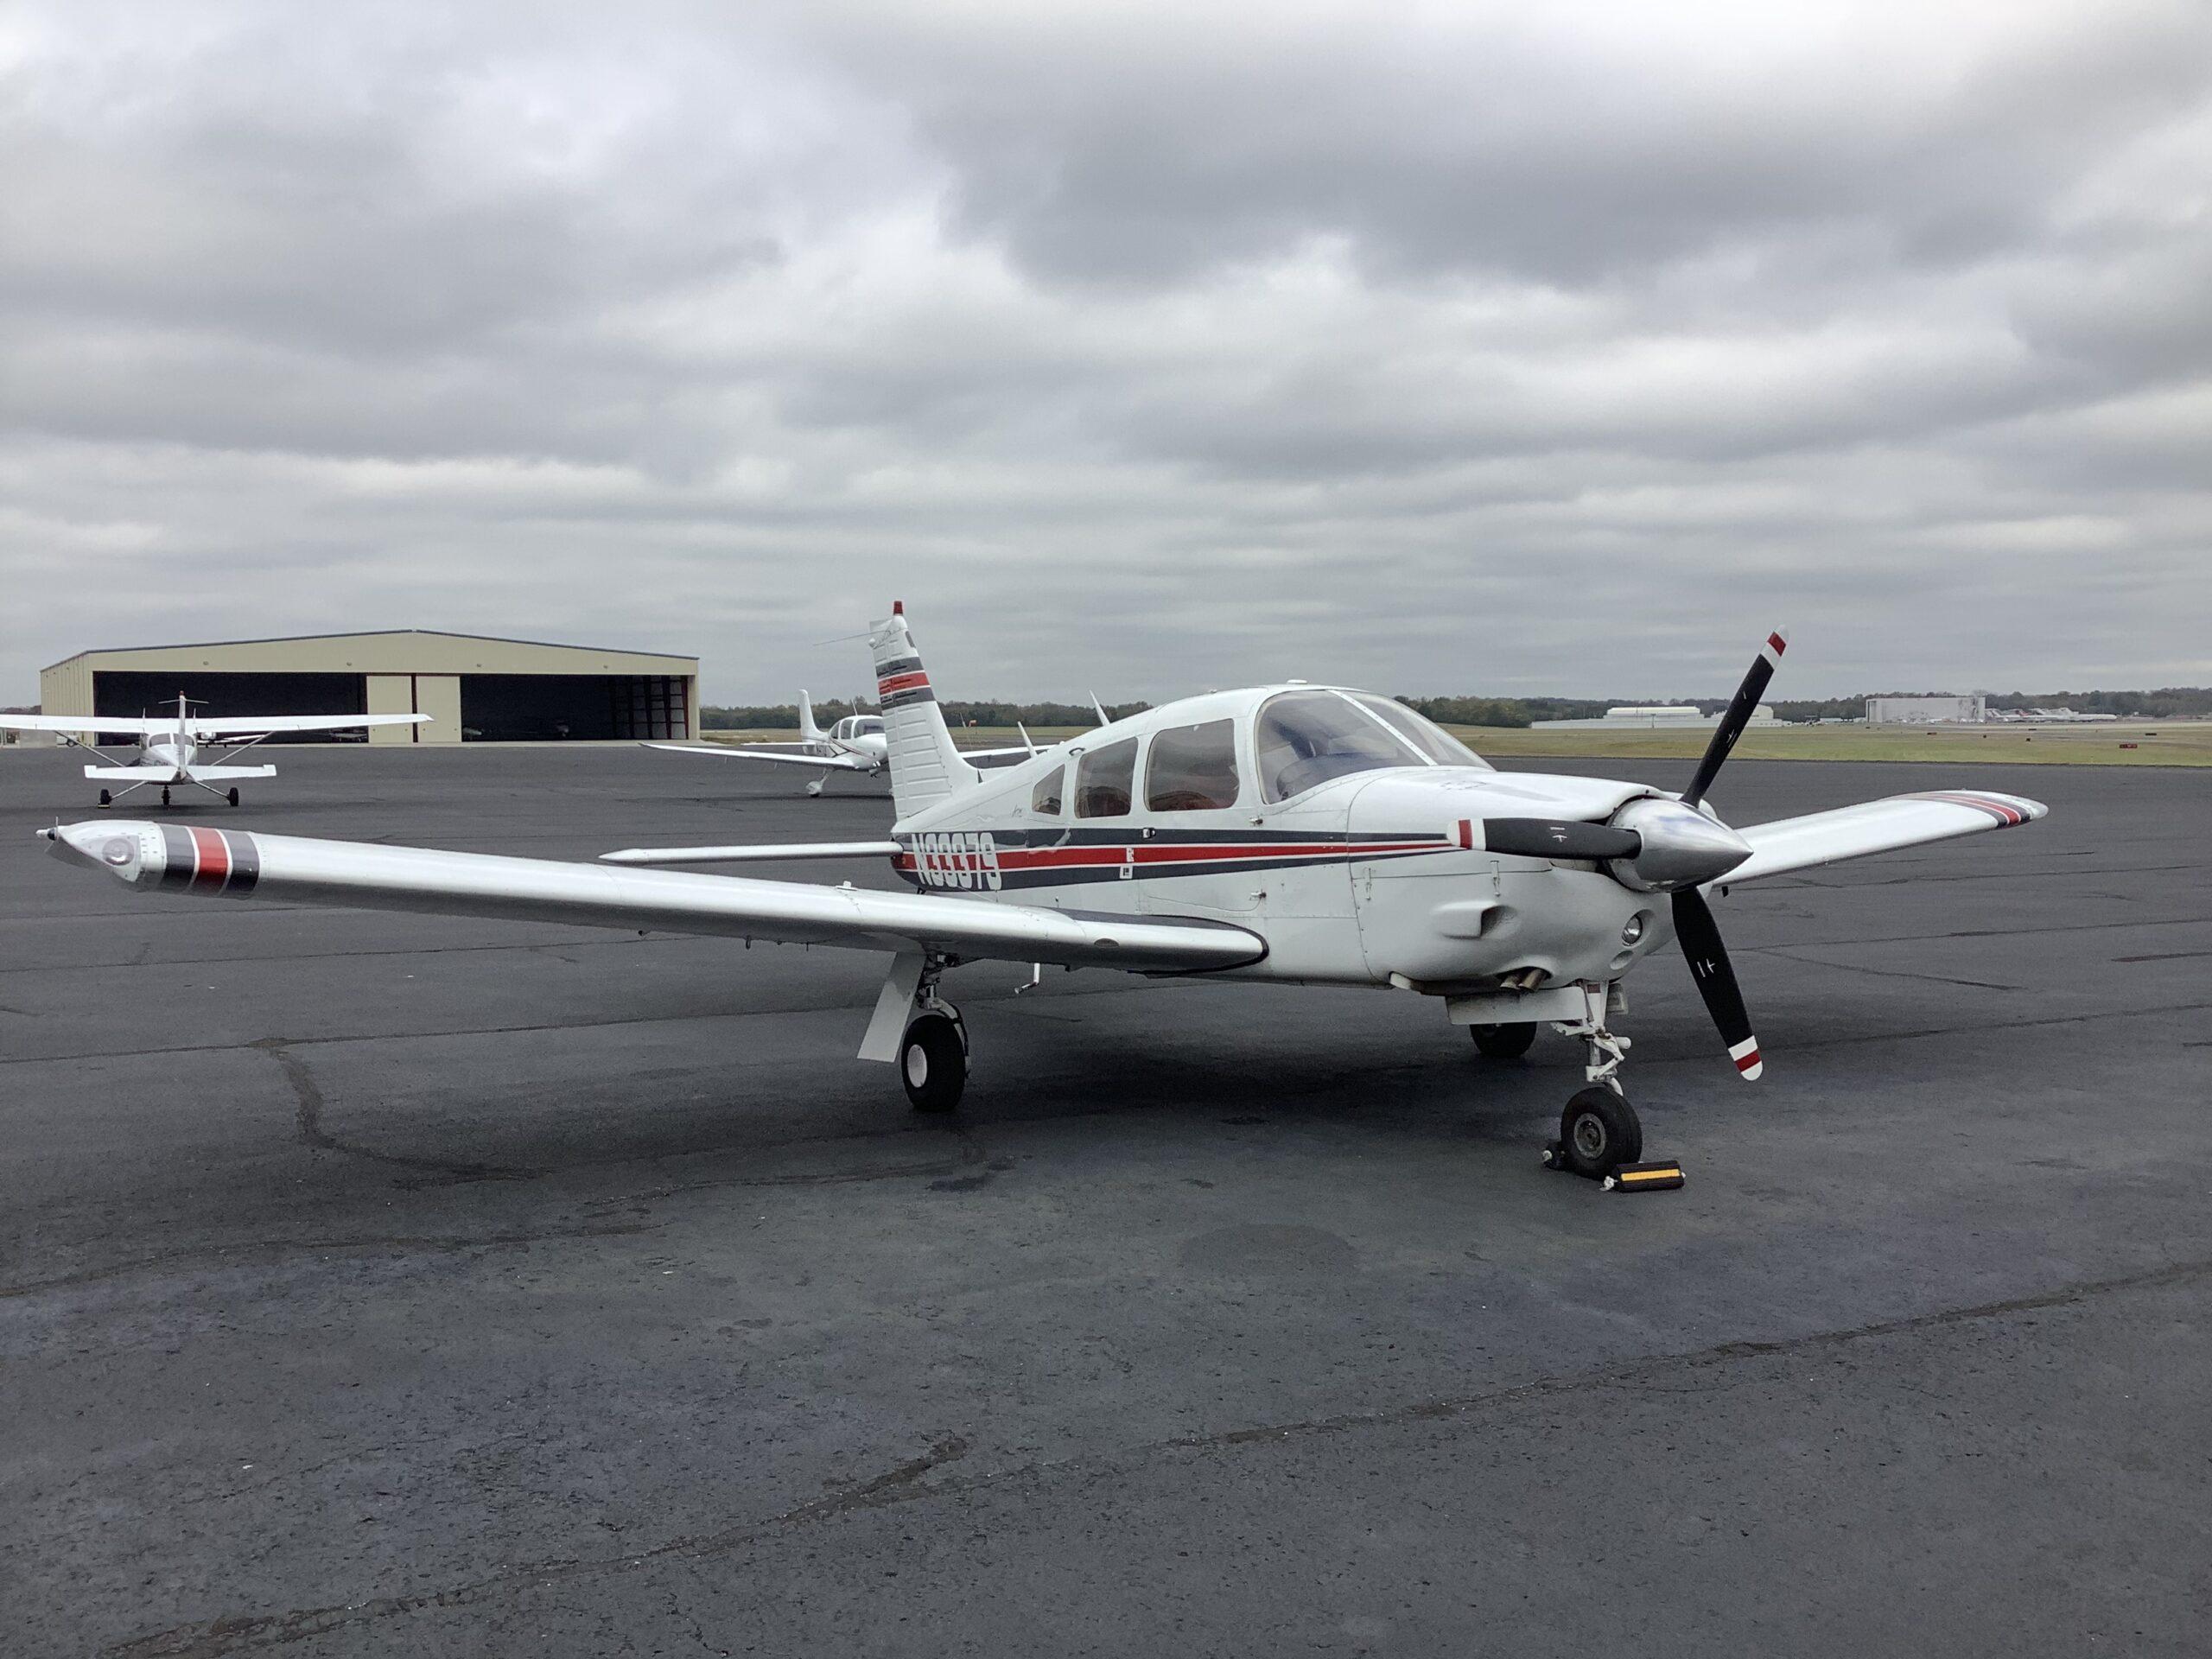 N33379 – 1975 Piper Arrow II